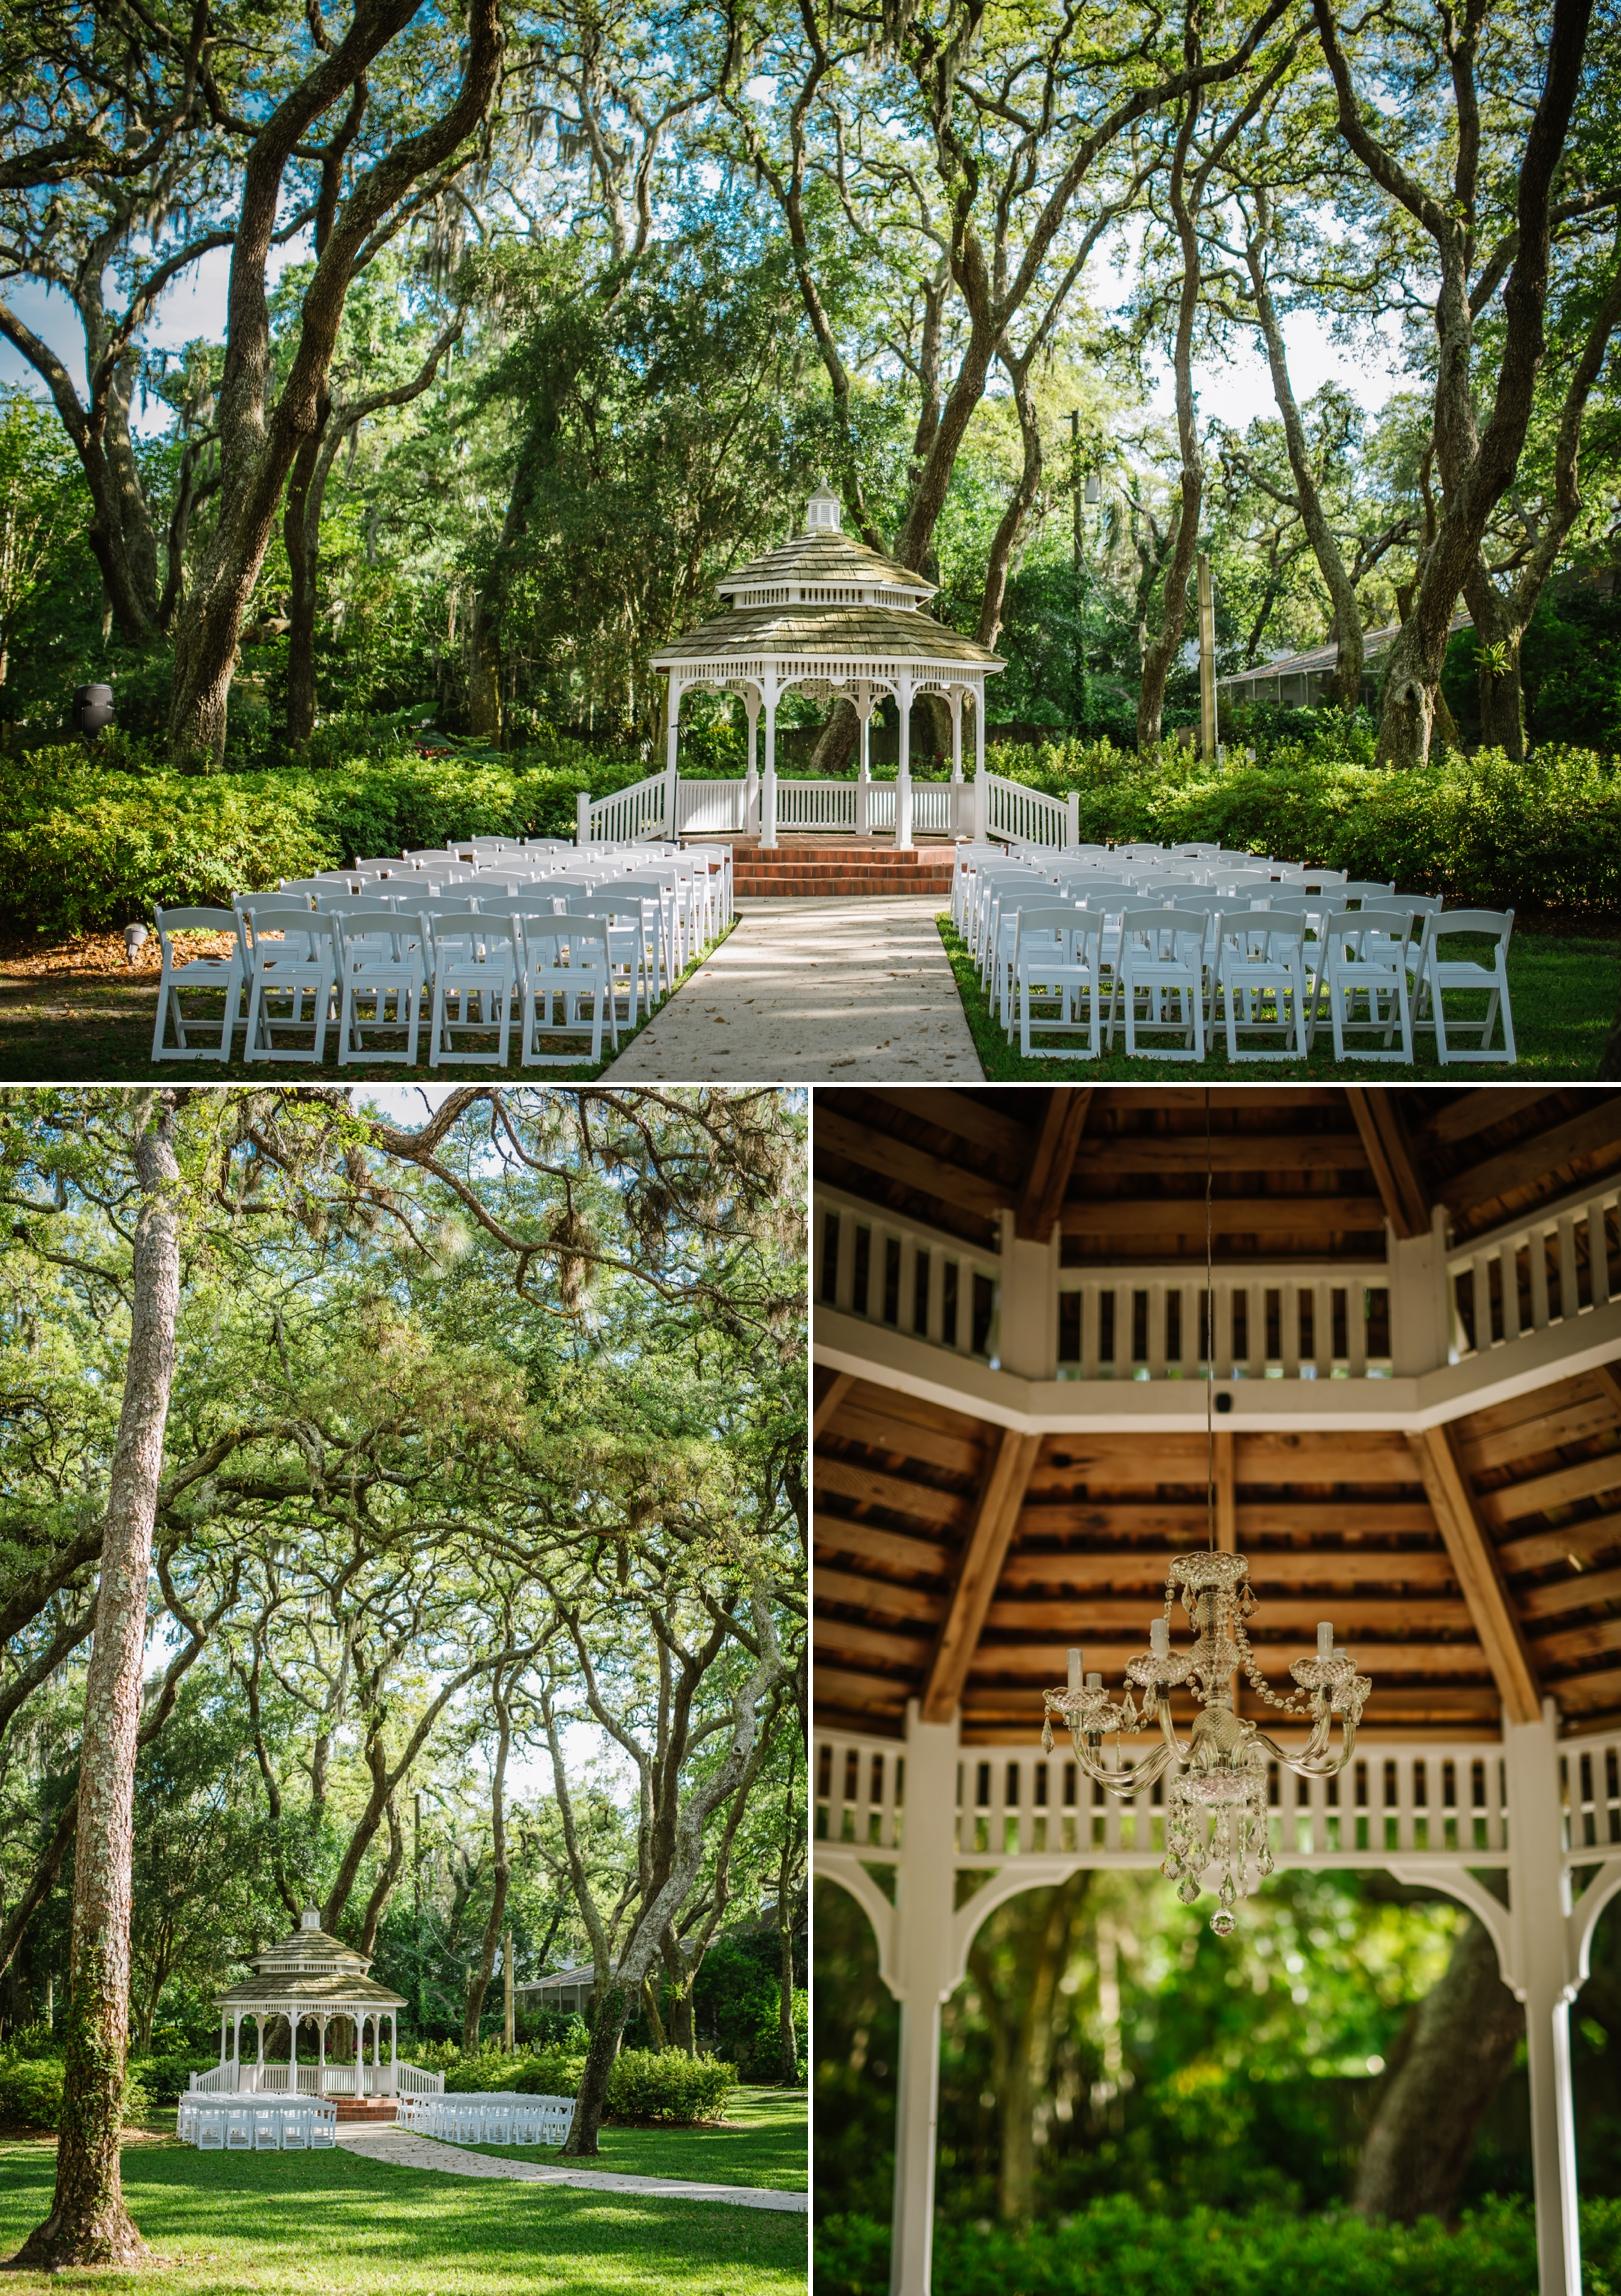 ashlee-hamon-photography-tampa-rustic-outdoor-traditional-wedding_0000.jpg